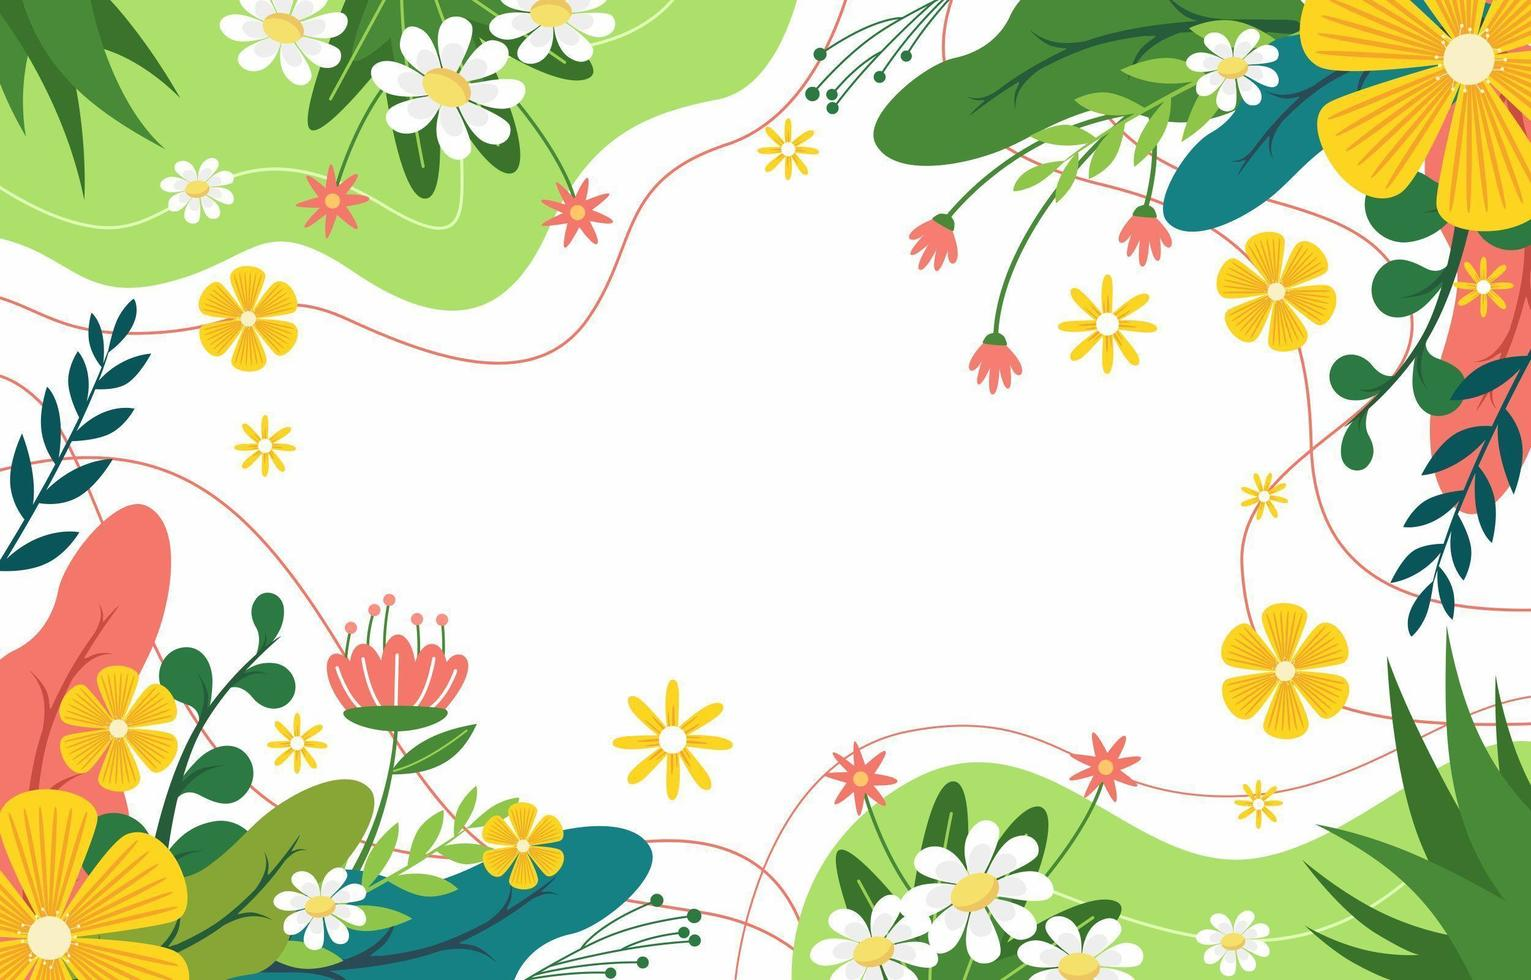 Natur Frühling Hintergrund vektor